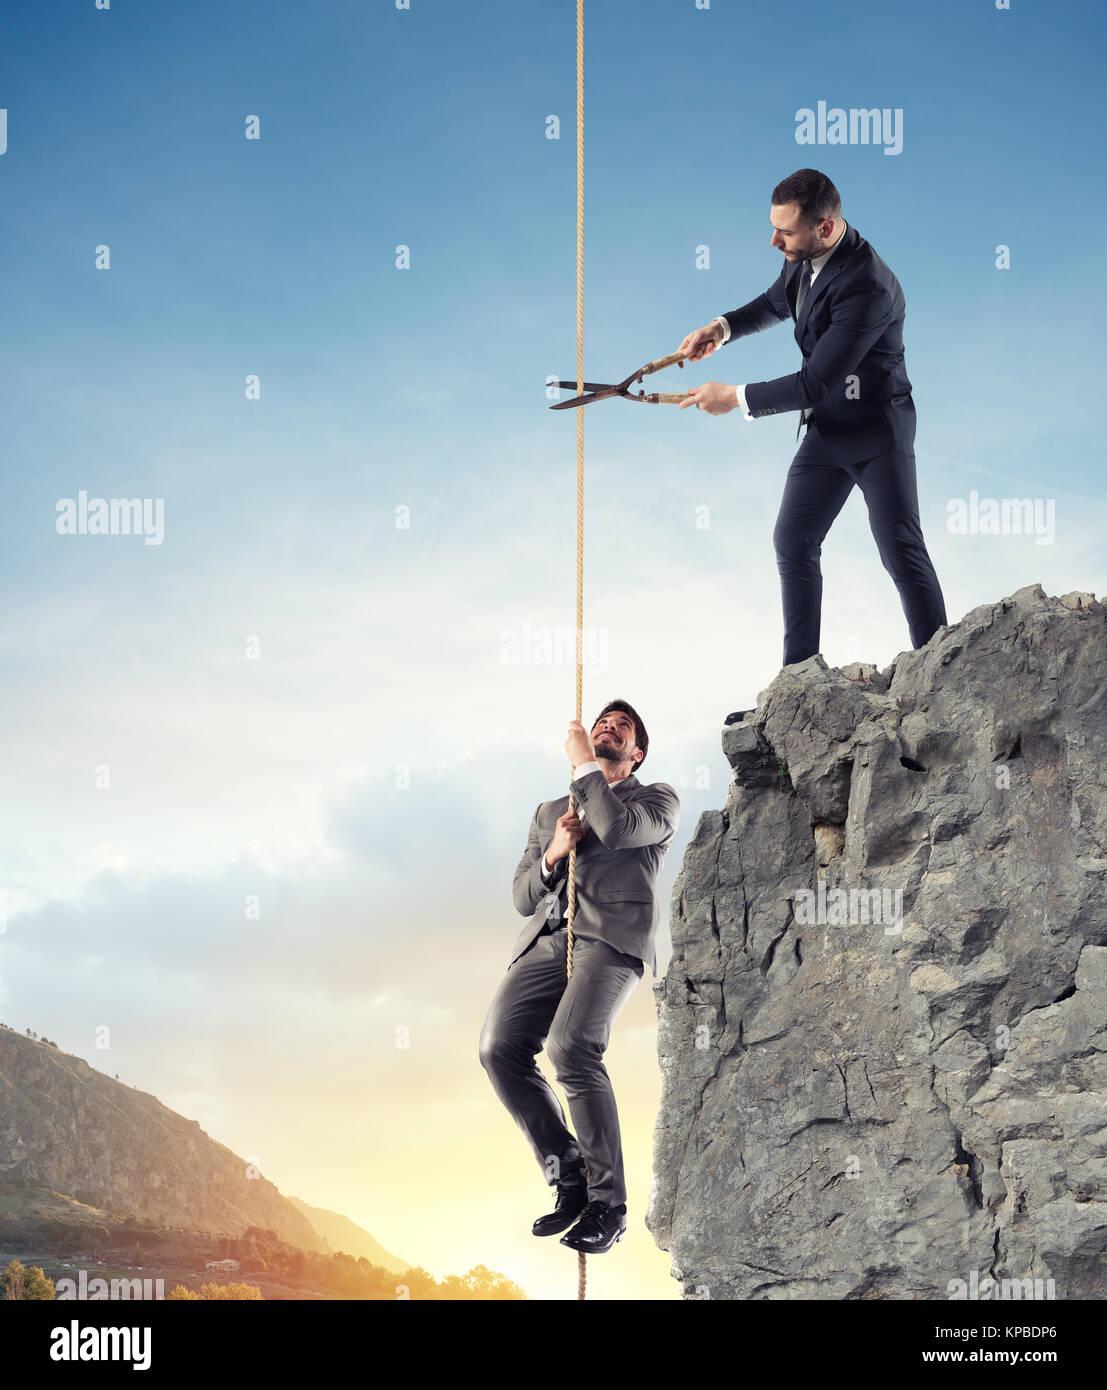 Unternehmer, die nicht einen Konkurrenten helfen. Konzept des unlauteren Wettbewerbs Stockbild